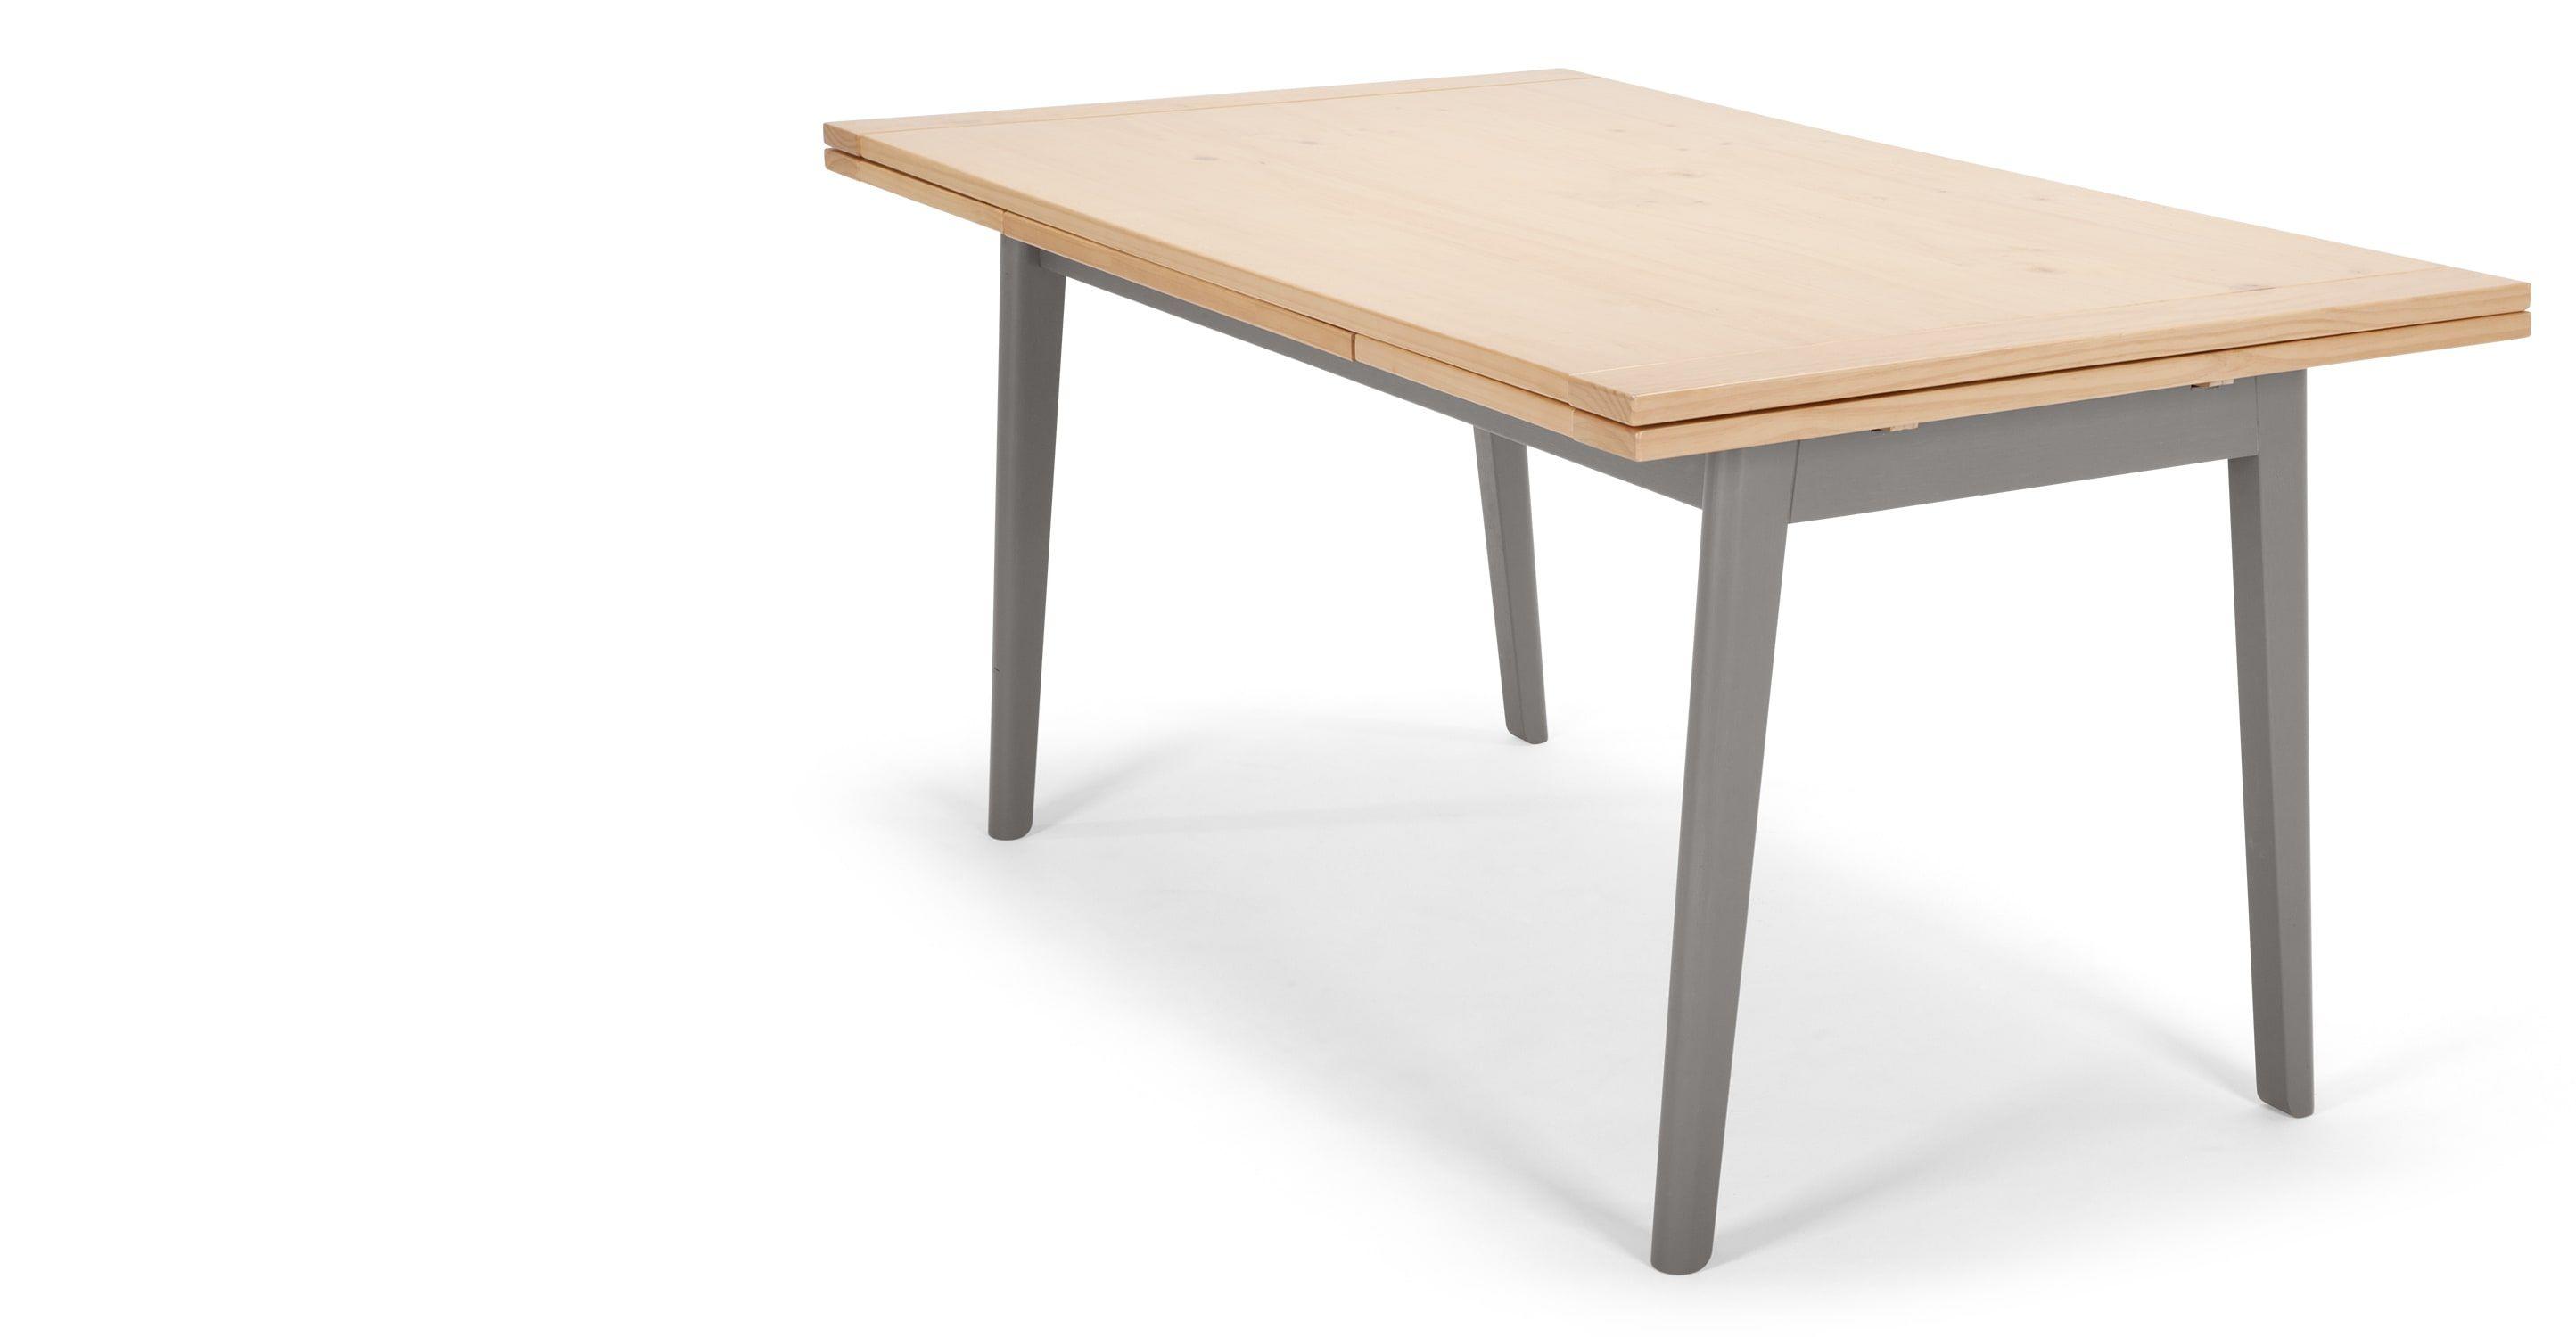 Grenenhouten Side Table.Kleur Uitschuifbare Eettafel Grenenhout En Grijs Home